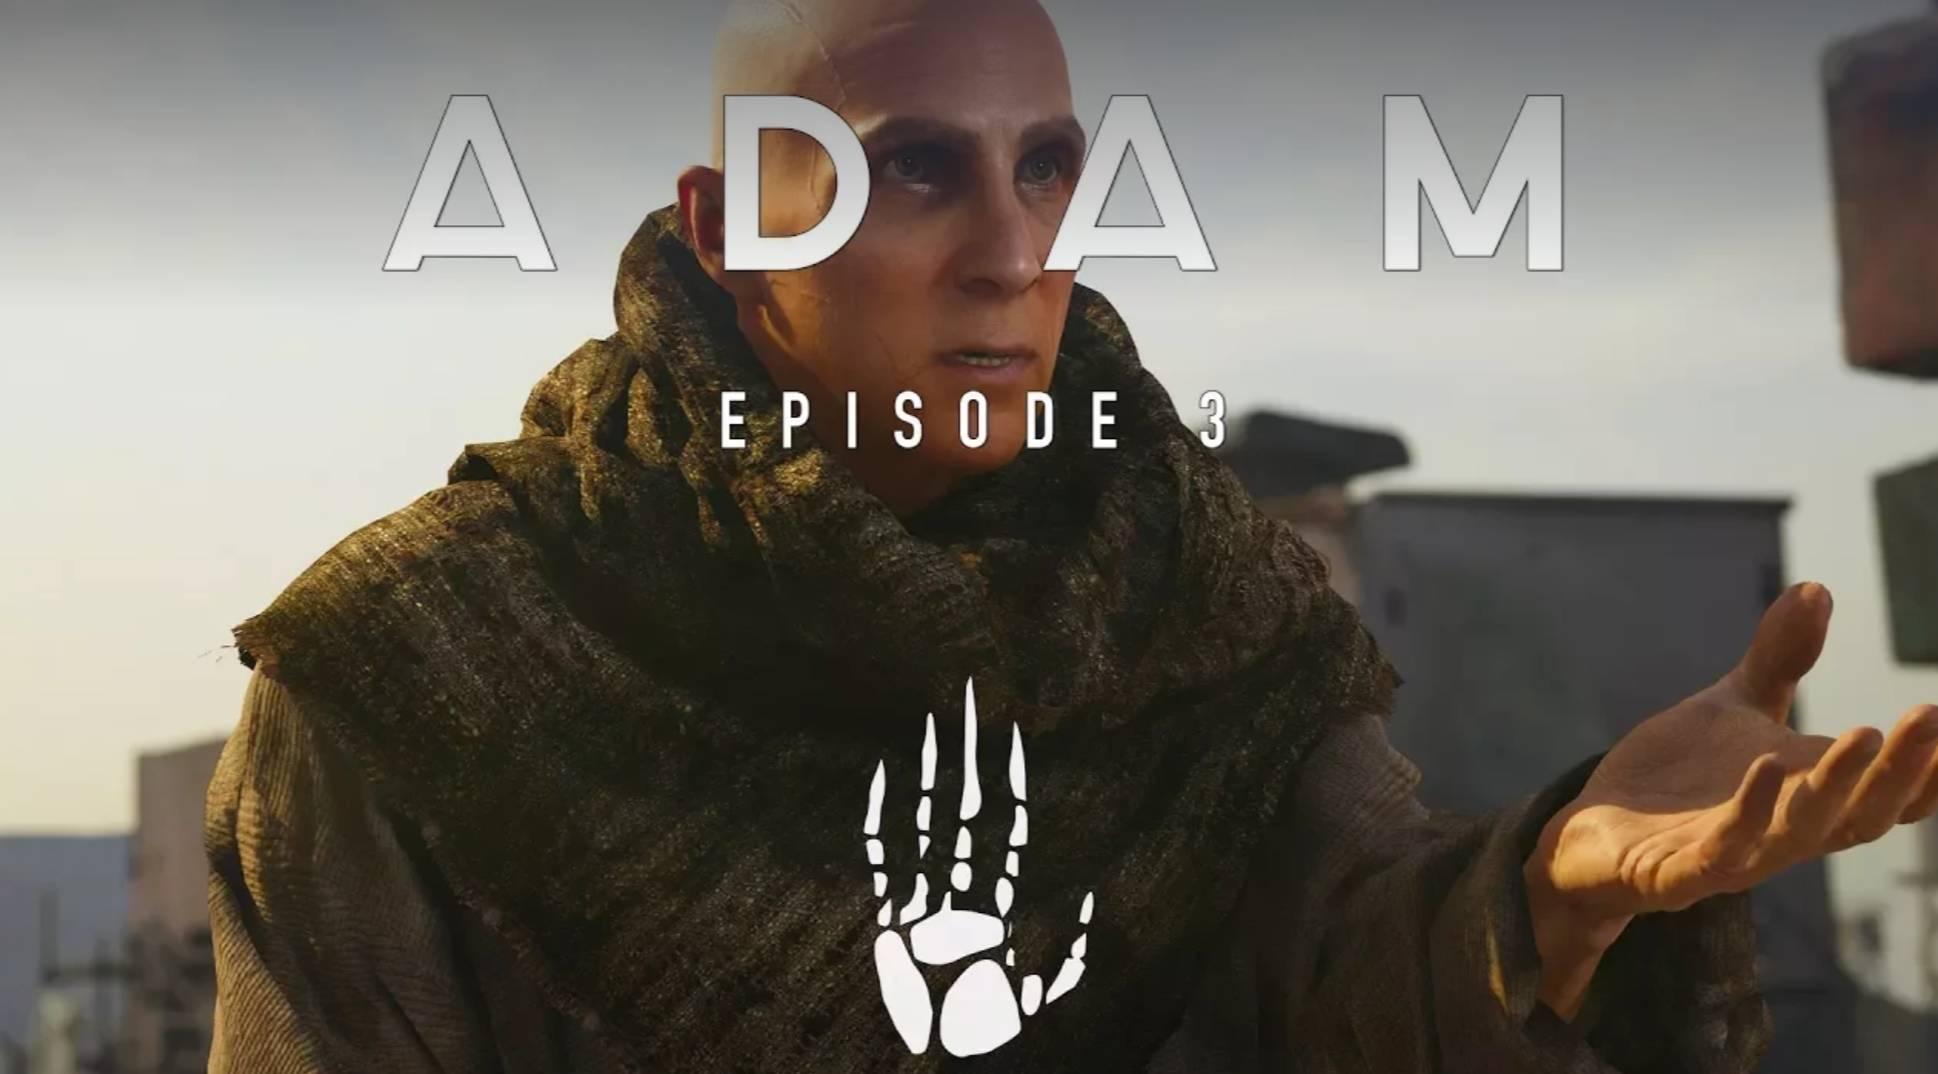 Unity实时渲染电影短片《ADAM 3》发布!